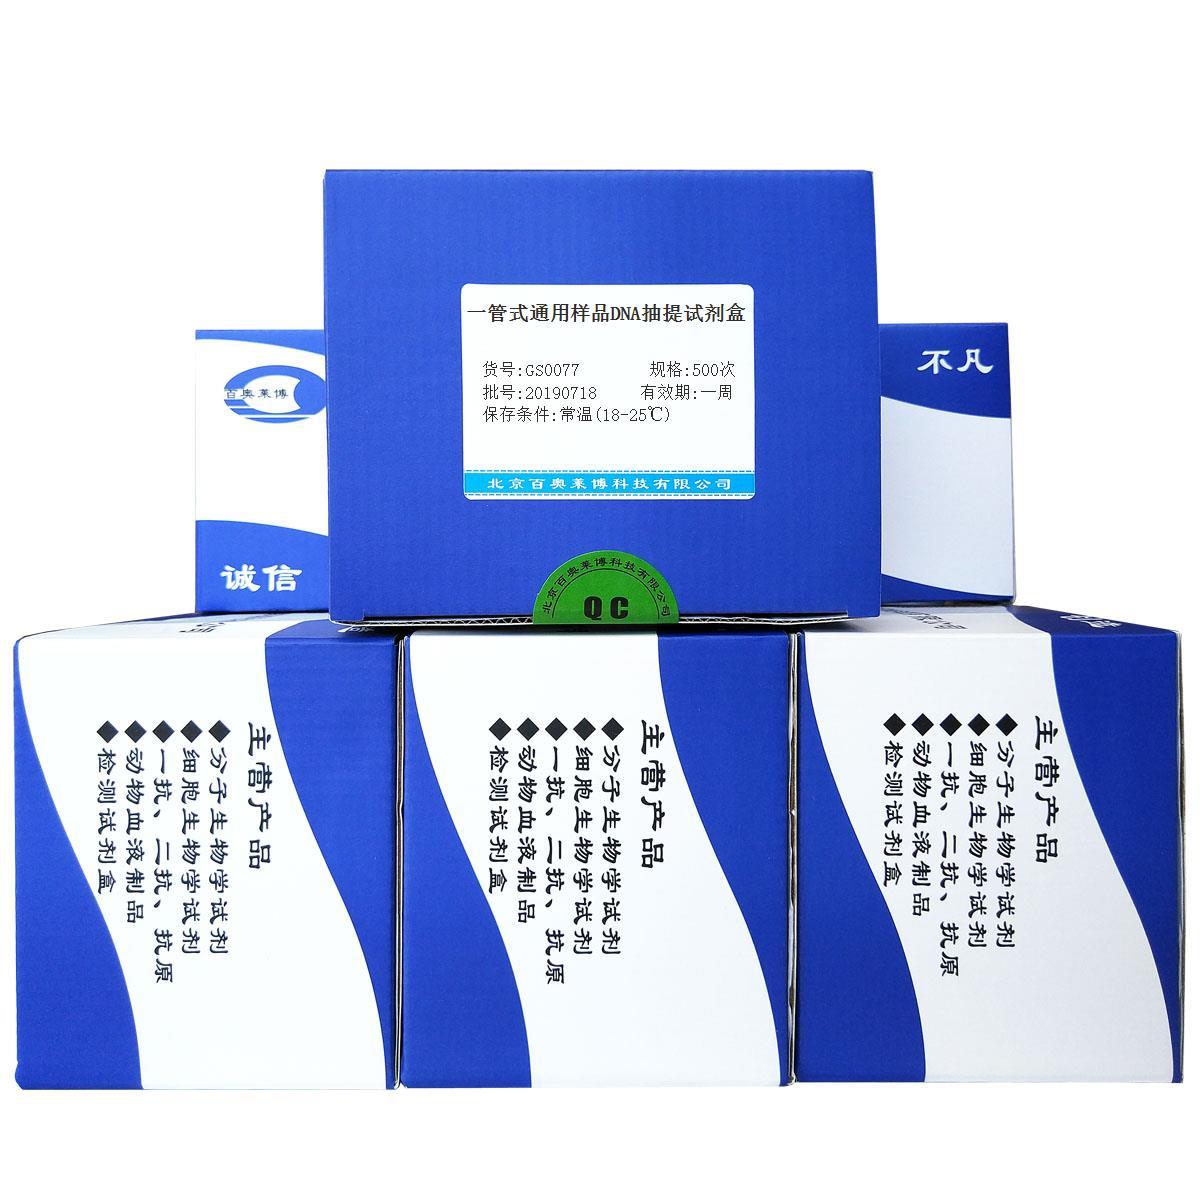 一管式通用样品DNA抽提试剂盒北京现货